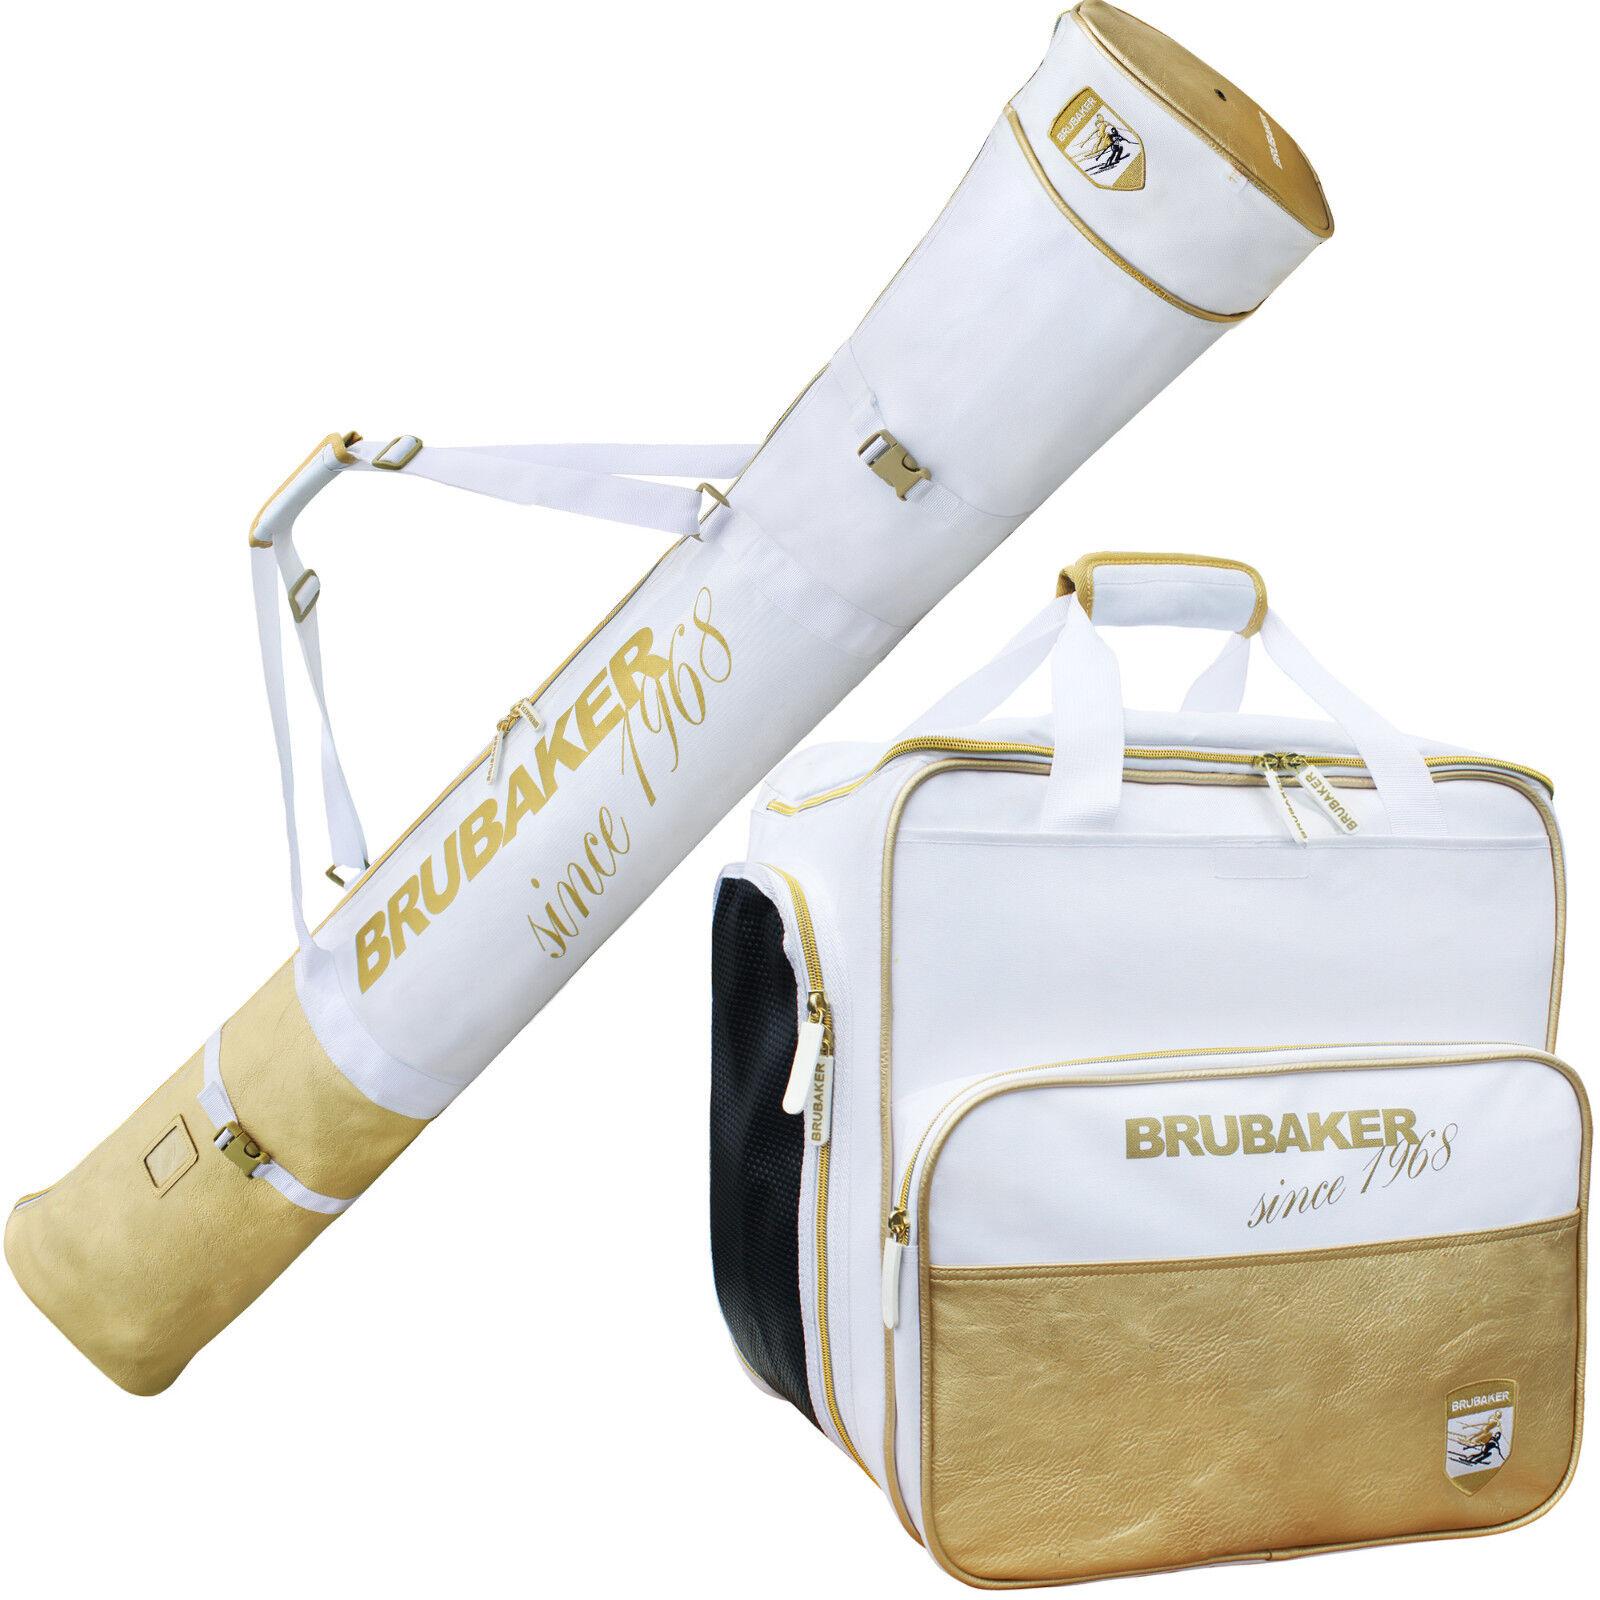 BRUBAKER 'St. Moritz' Luxus Kombi Set Skischuhtasche + Skisack Weiß Gold 170cm